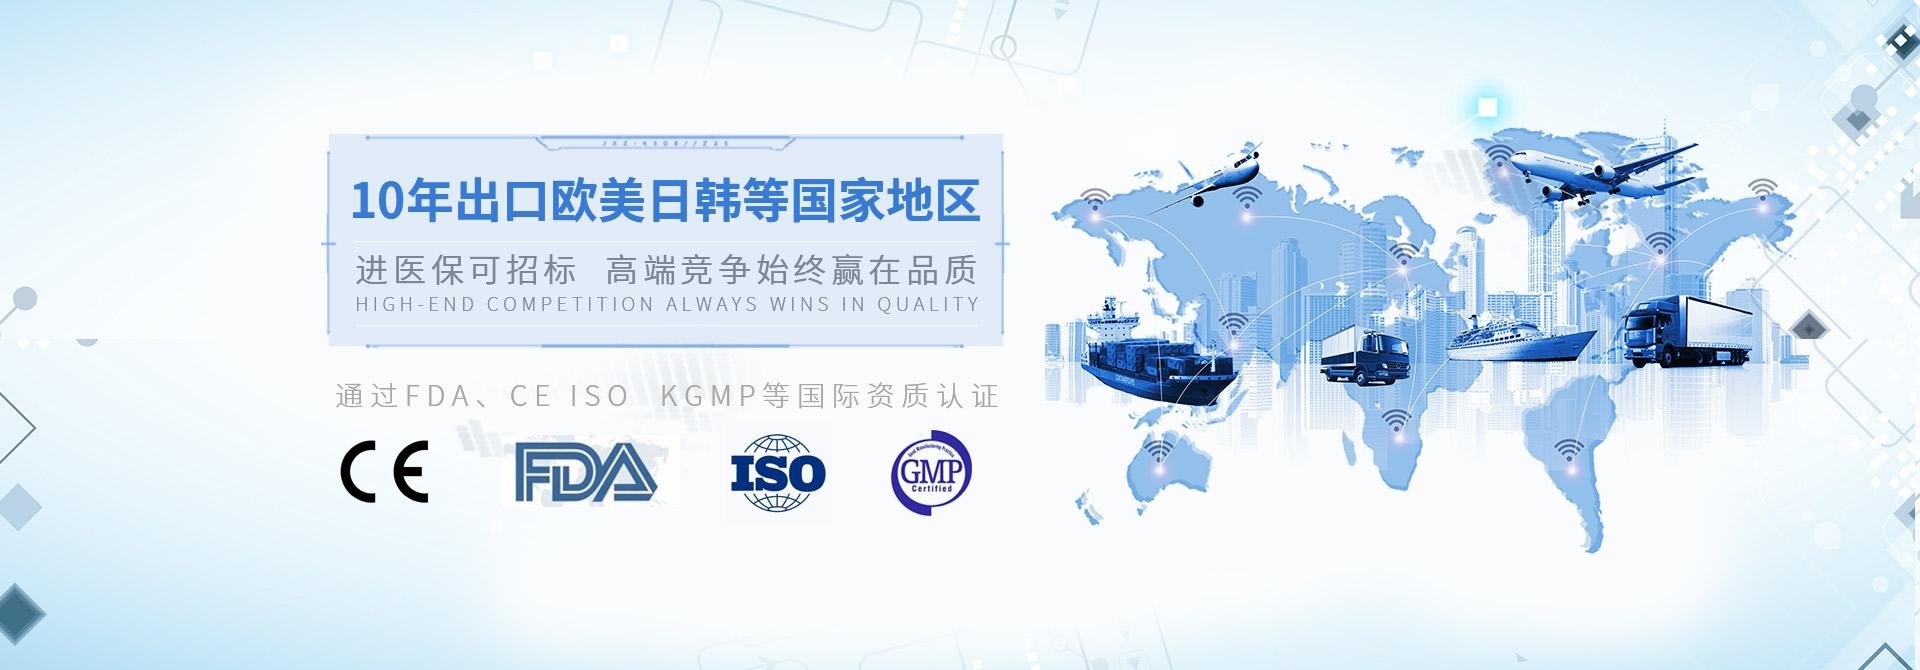 美德莱医疗耗材10年出口欧美日韩等国家地区 通过FDA、CE ISO  KGMP等资质认证